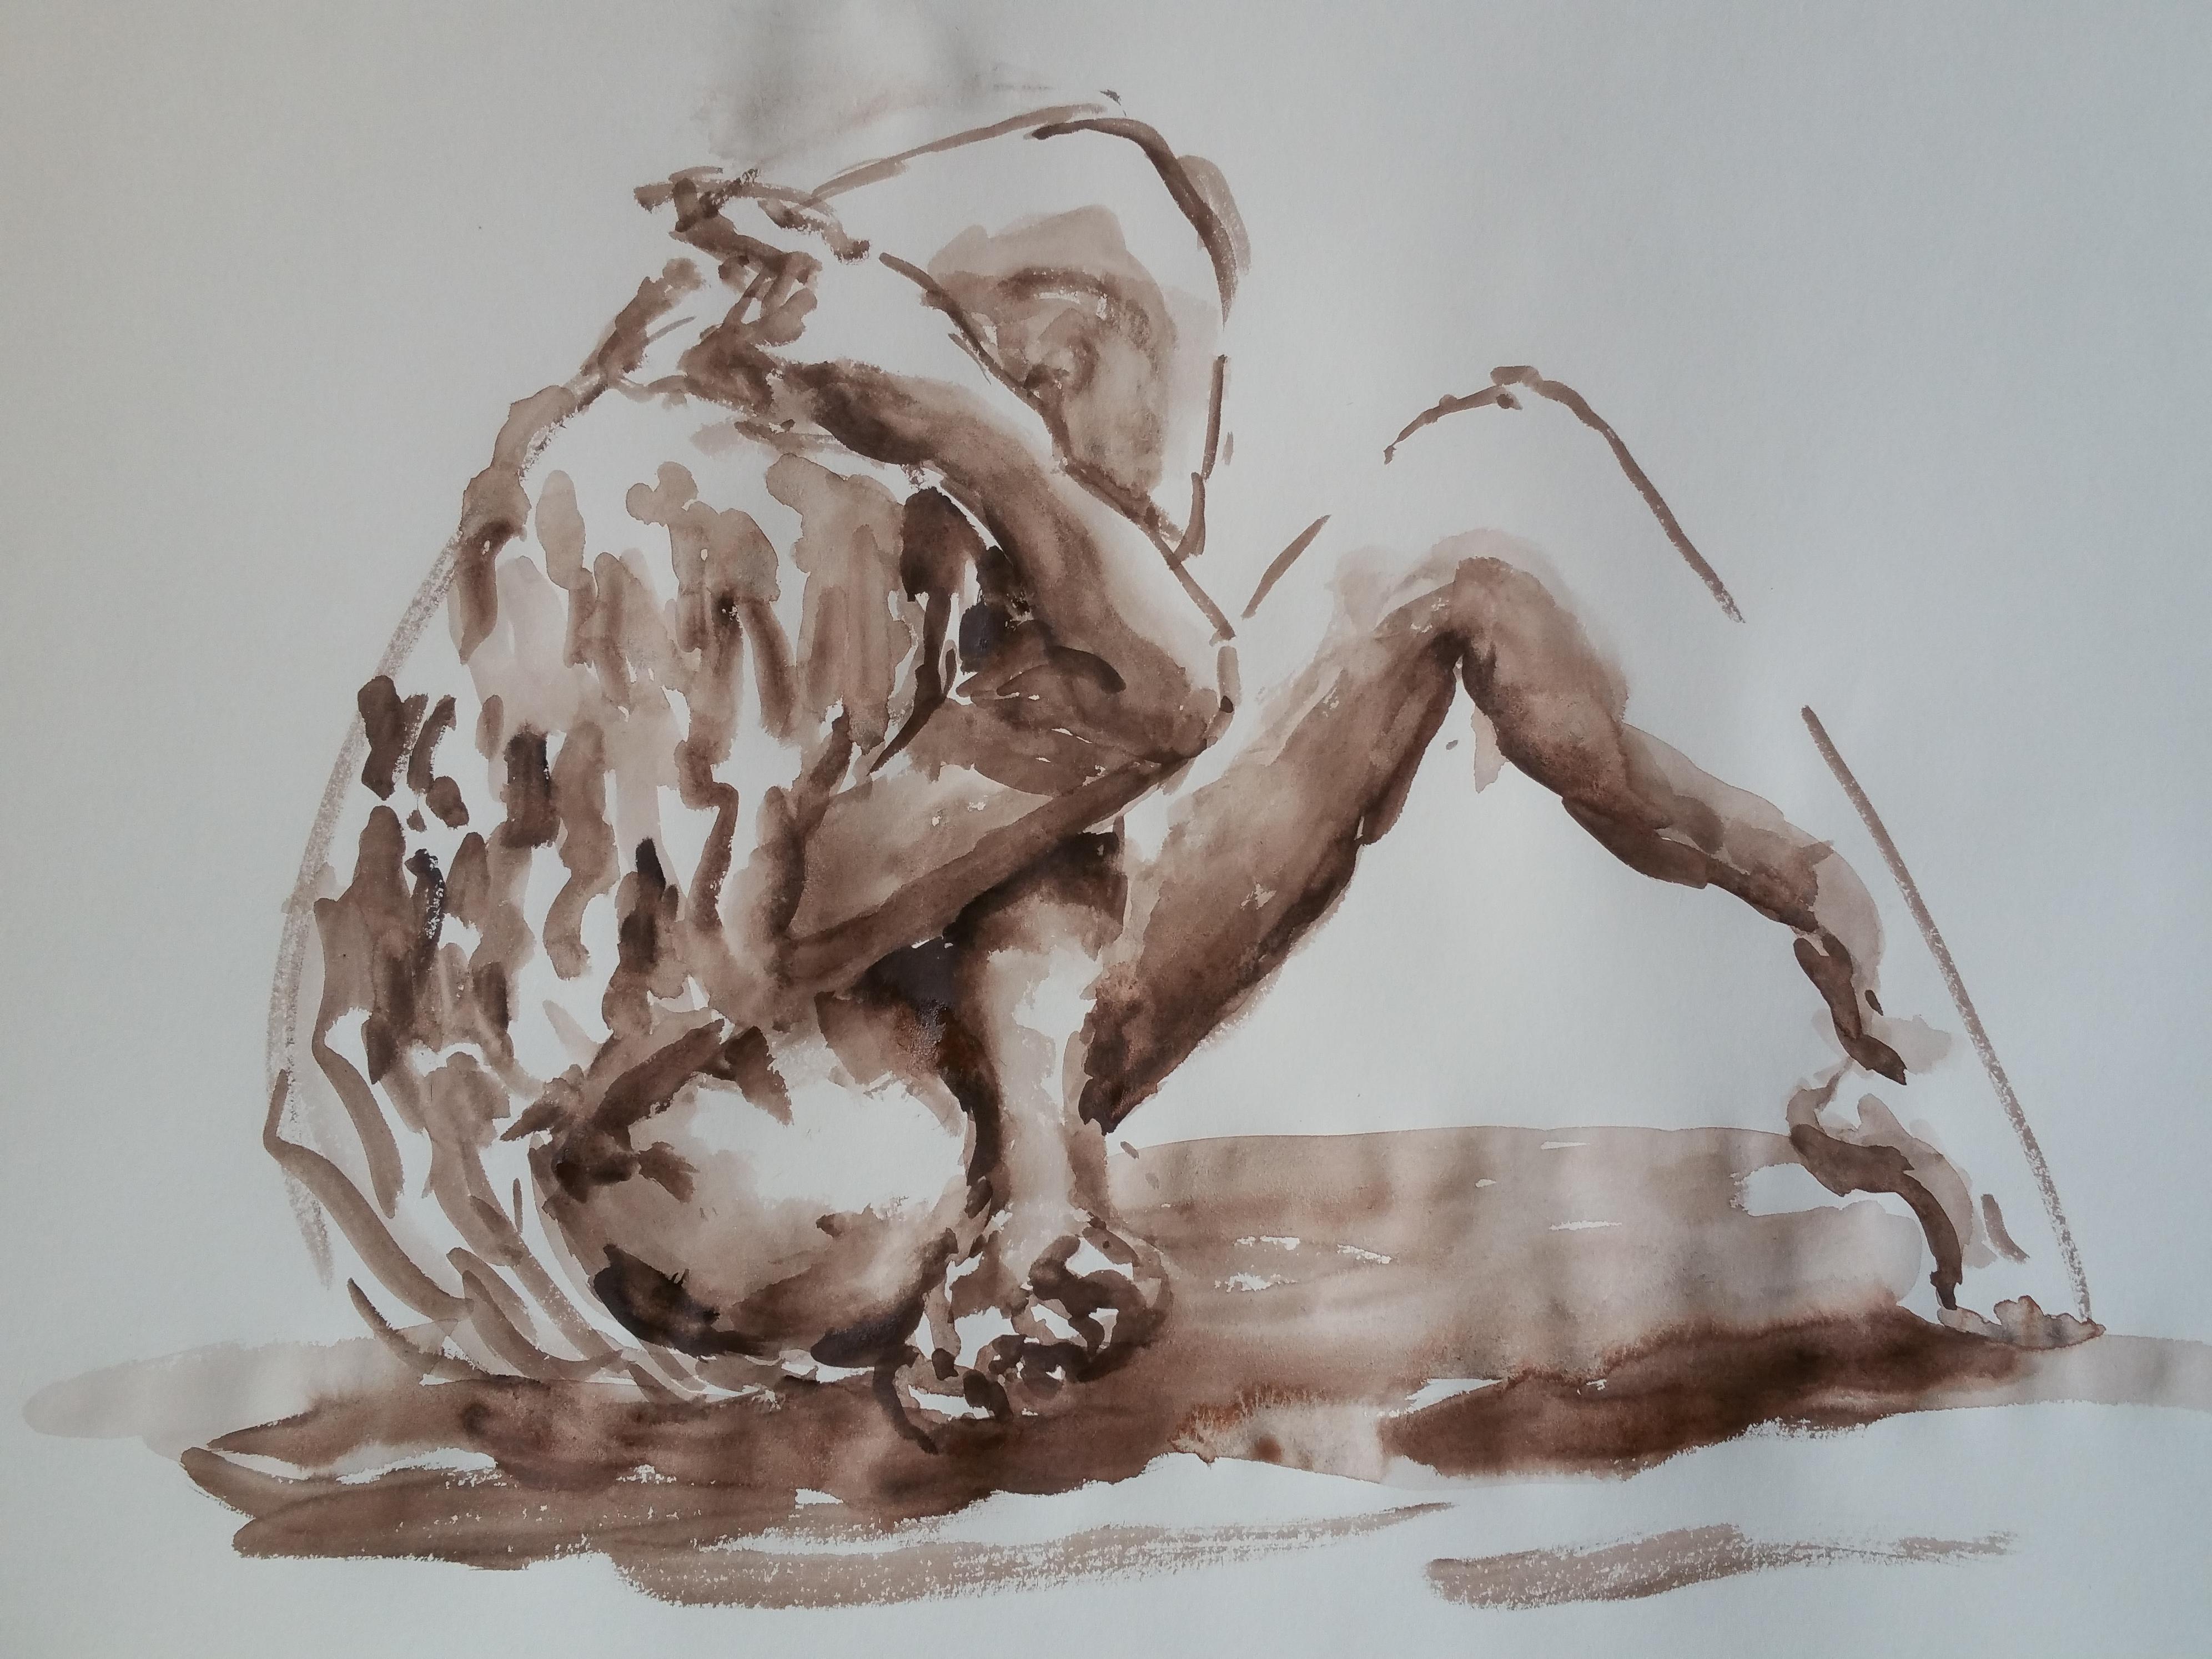 Technique mixte pause assise aquarelle marron sur papier  cours de dessin